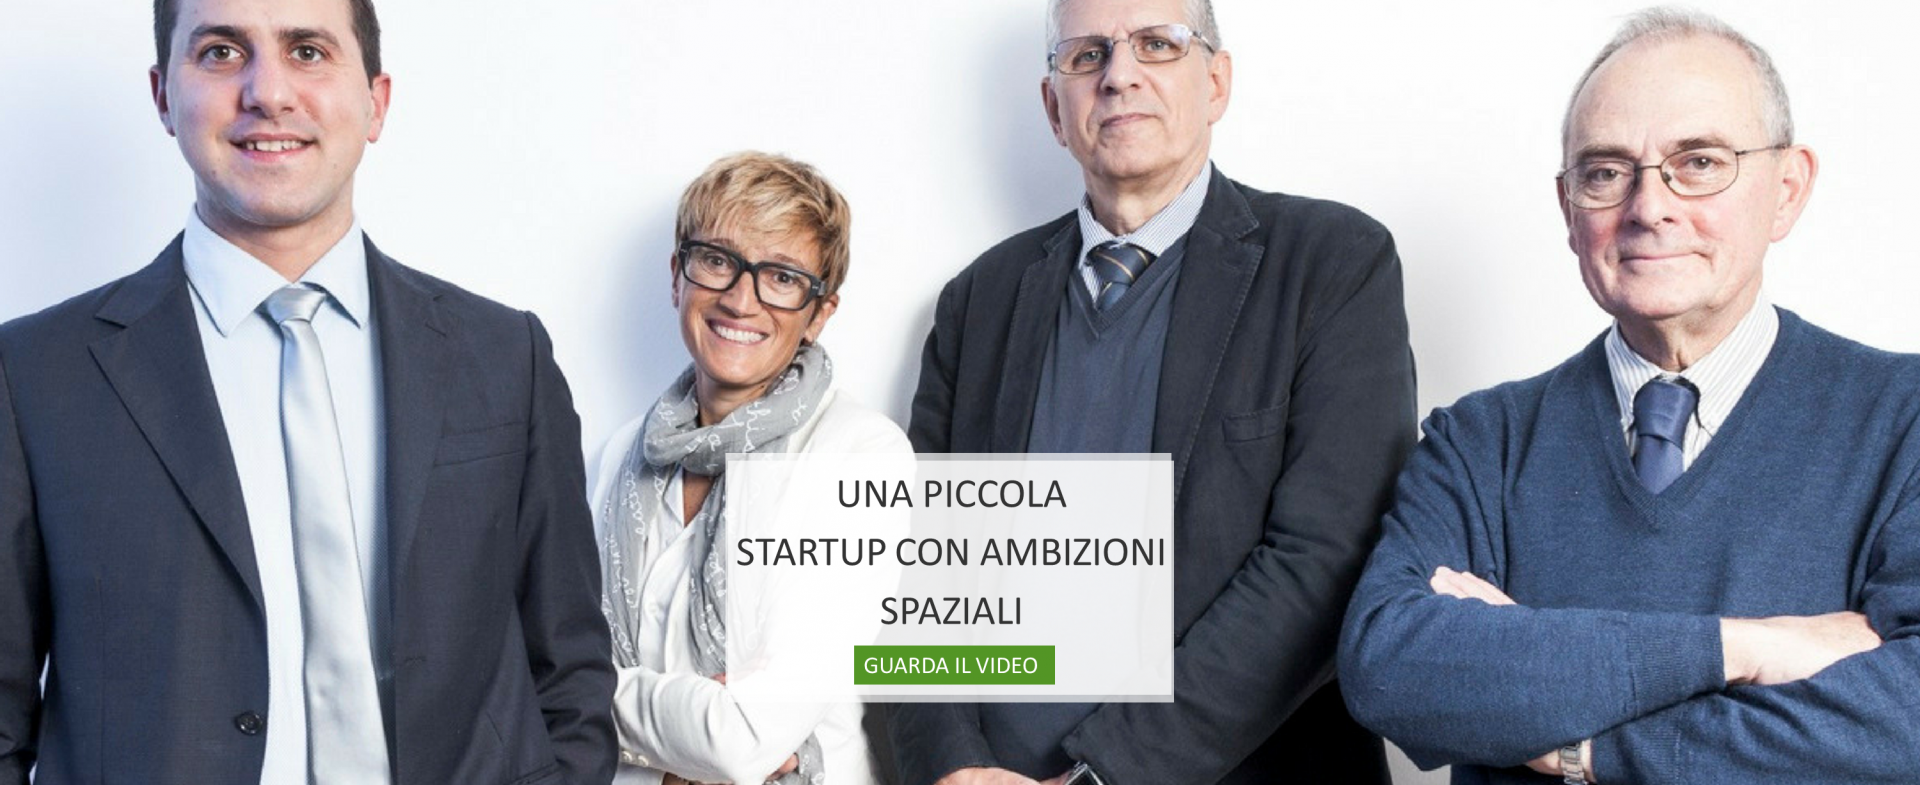 https://www.areasciencepark.it/picosats-una-piccola-startup-con-ambizioni-spaziali/